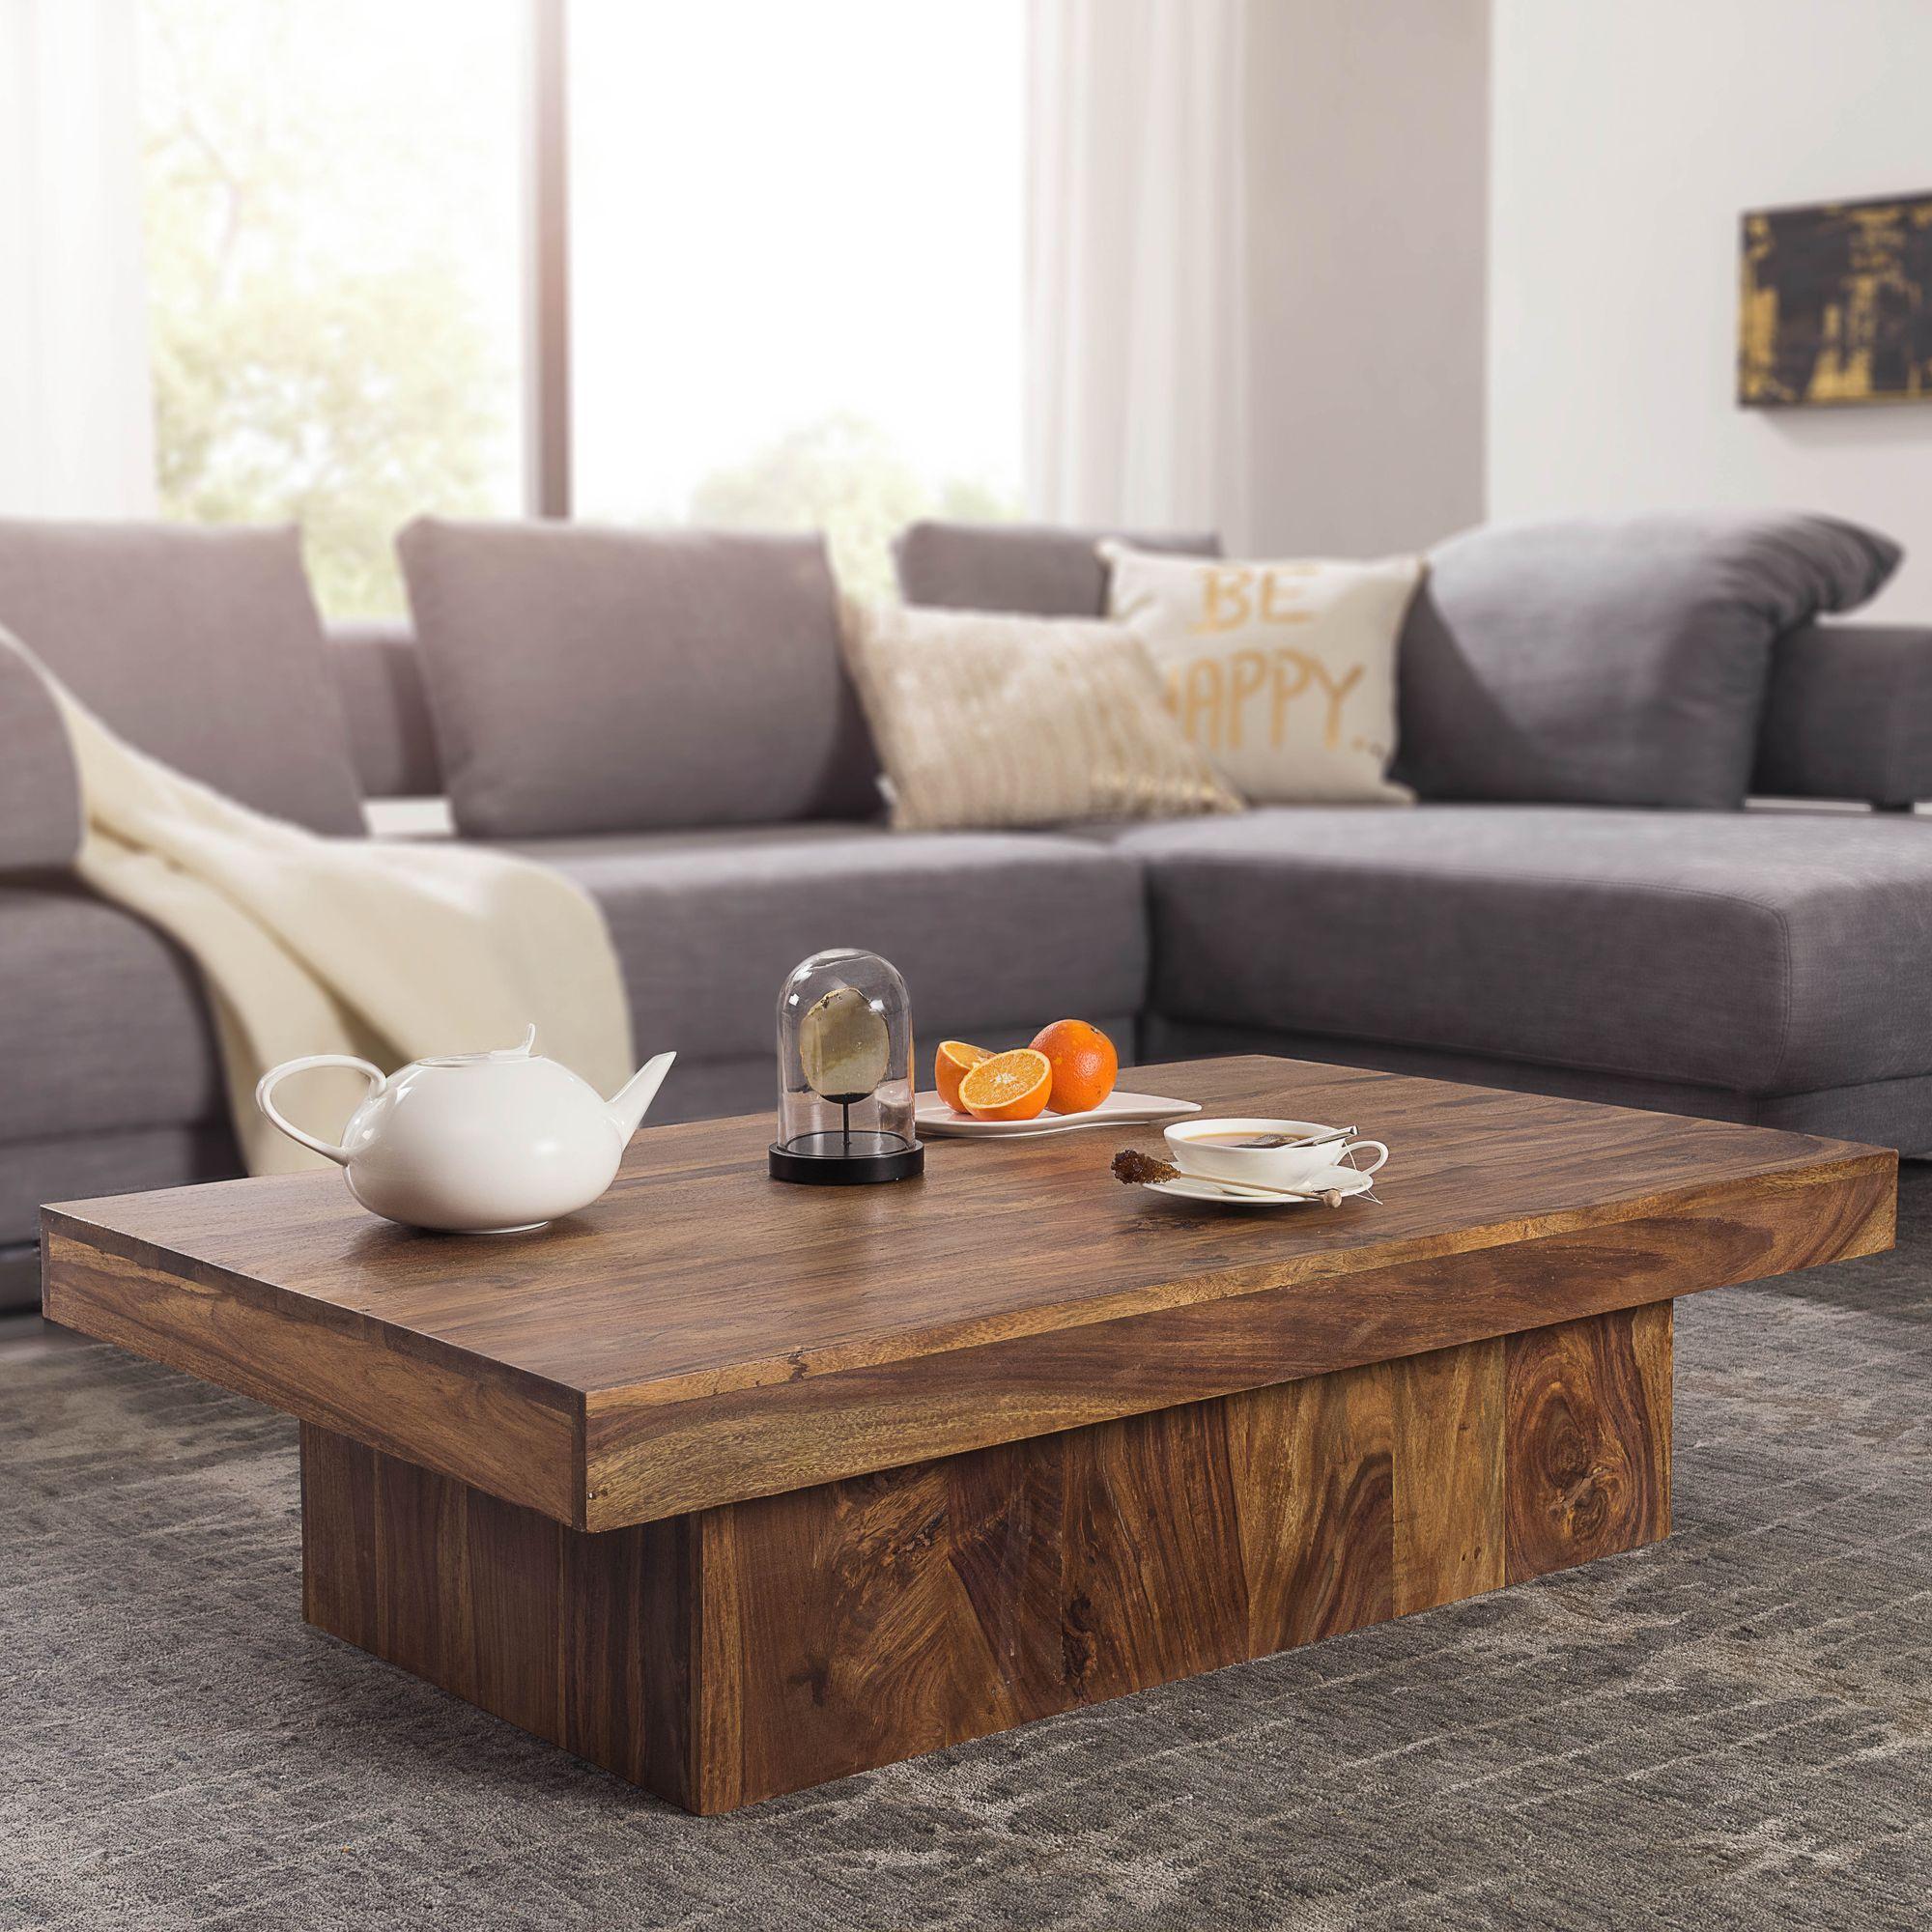 FineBuy Design Couchtisch KOTA Sheesham Holz 120 X 70 X 30 Cm Flach |  Moderner Wohnzimmertisch